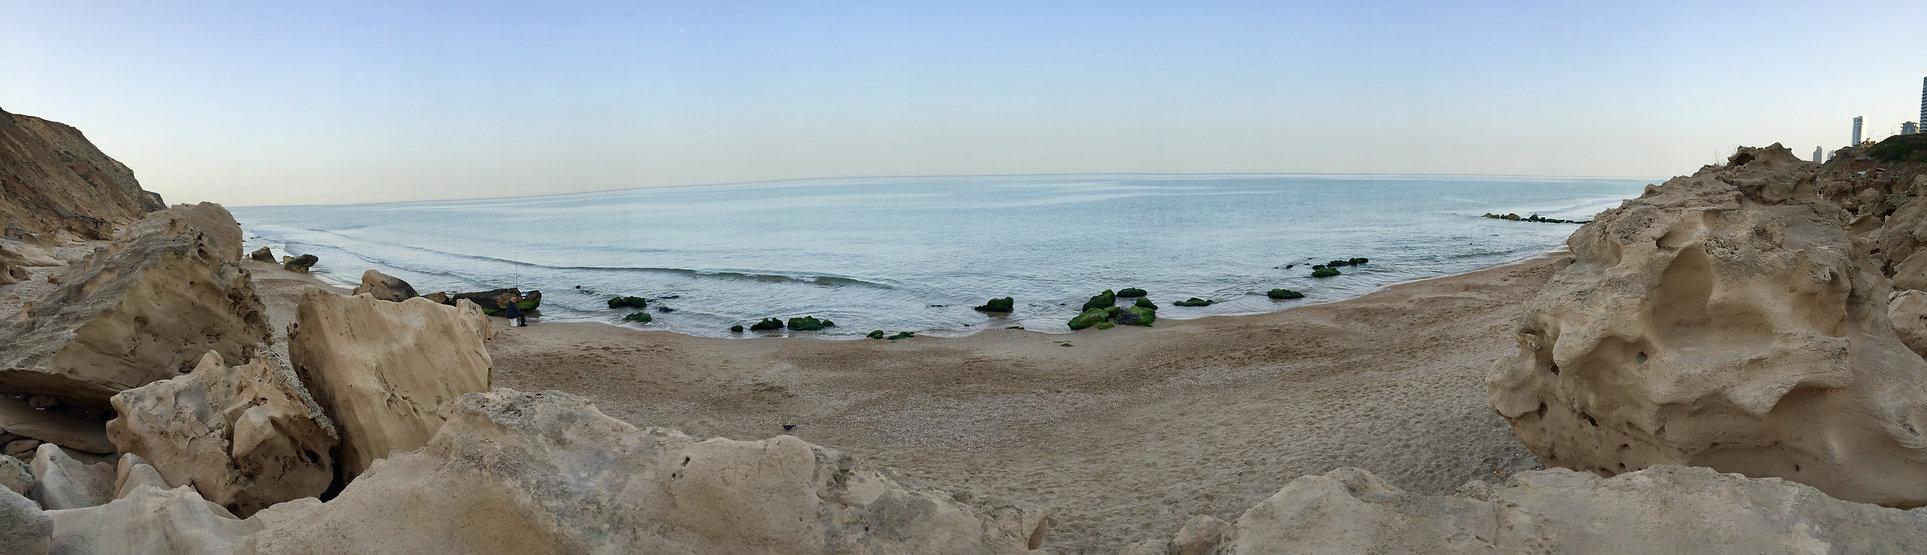 Pan Beach wRocks.jpg